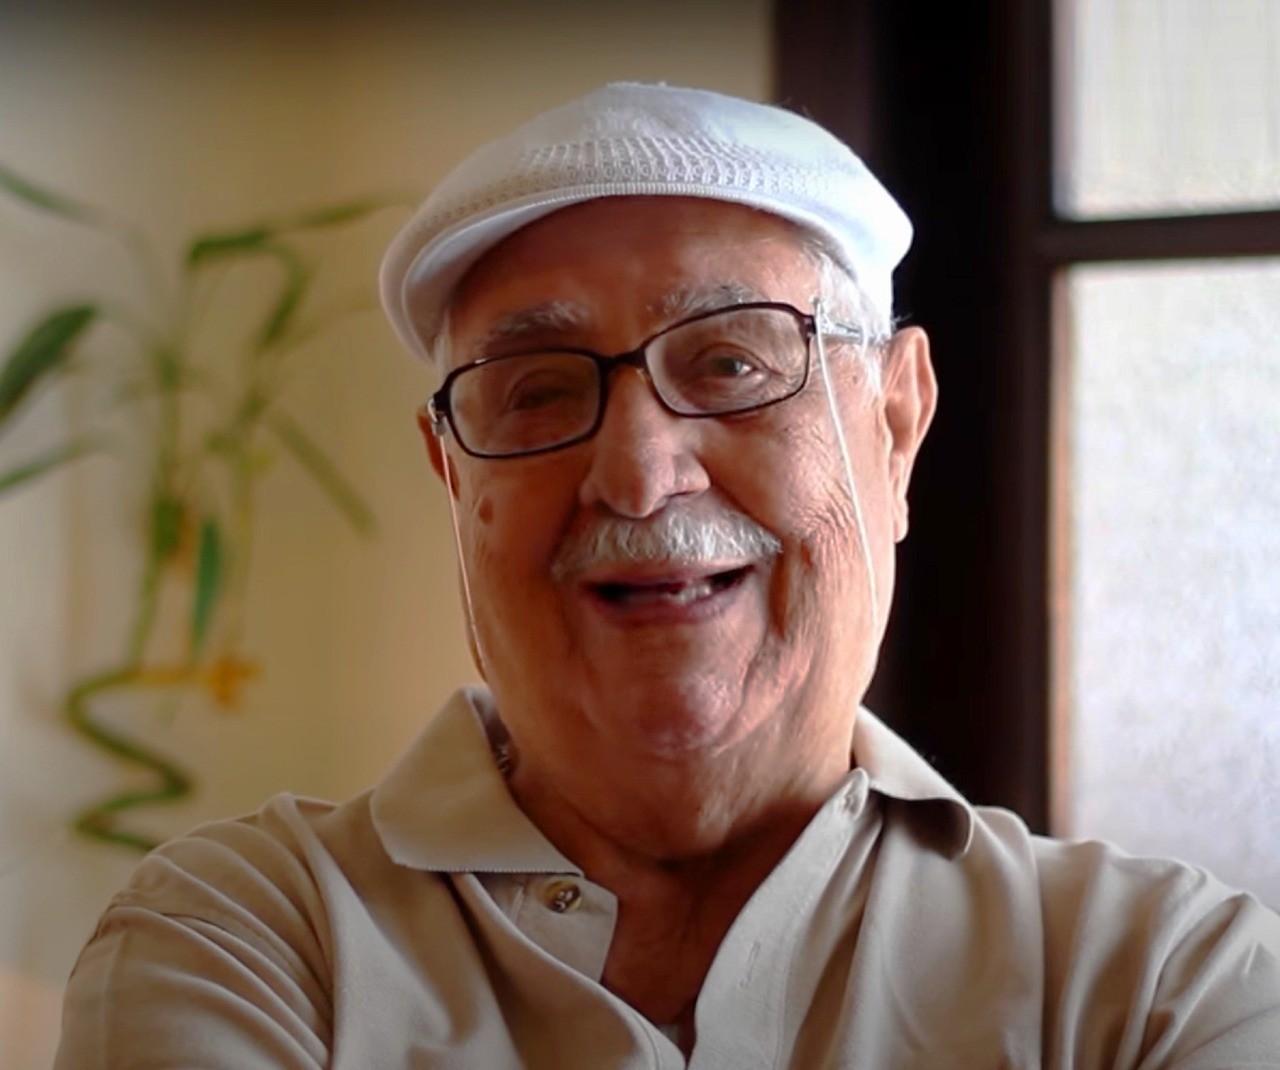 Fundador do Angu do Gomes, Basílio Moreira, morre aos 91 anos no Rio